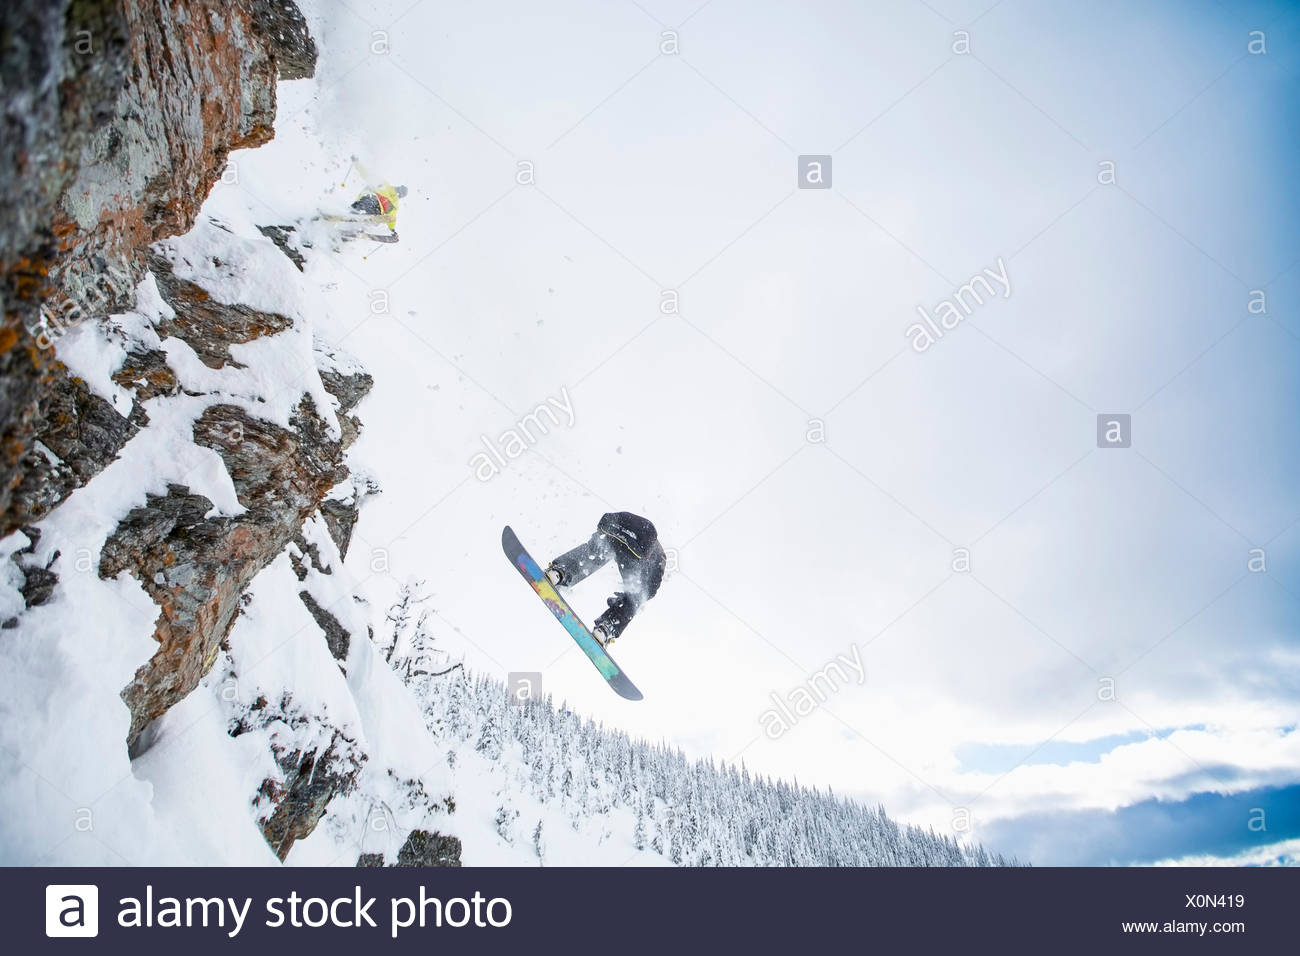 Basso angolo vista di due uomini che salta da piste da sci Immagini Stock